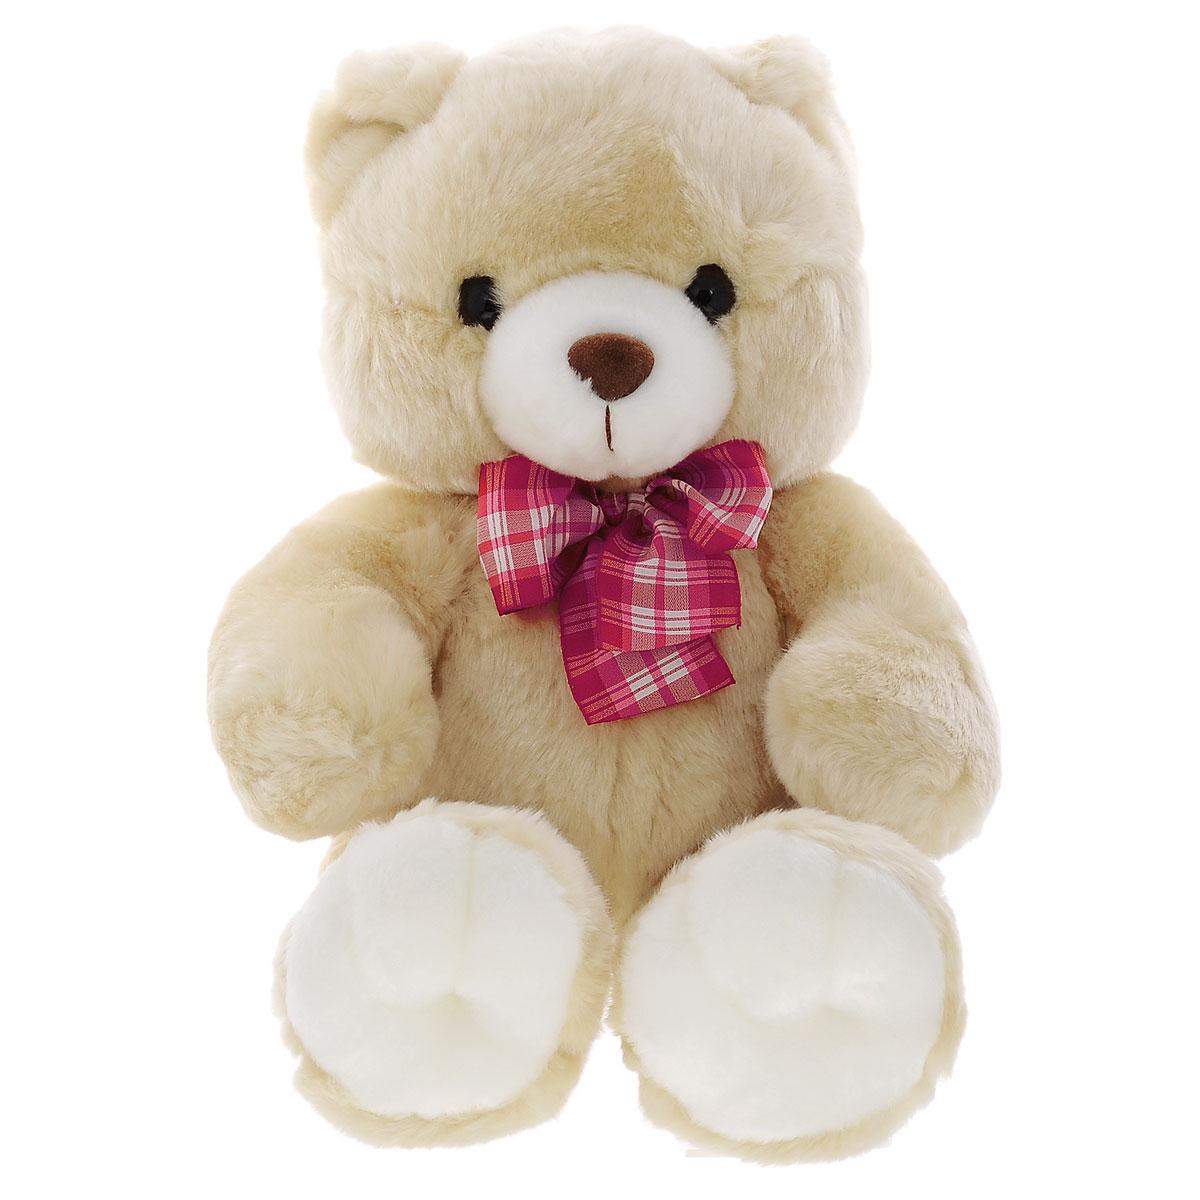 Мягкая игрушка Plush Apple Медведь с бантиком, 45 смAL00558B,AL00558СМягкая игрушка Plush Apple Медведь с бантиком не оставит вас равнодушным и вызовет улыбку у каждого, кто ее увидит. Игрушка изготовлена из высококачественных текстильных материалов. Игрушка выполнена в виде трогательного медведя с бантиком красного цвета на шее. Глазки и носик выполнены из пластика. Великолепное качество исполнения делают эту игрушку чудесным подарком к любому празднику.